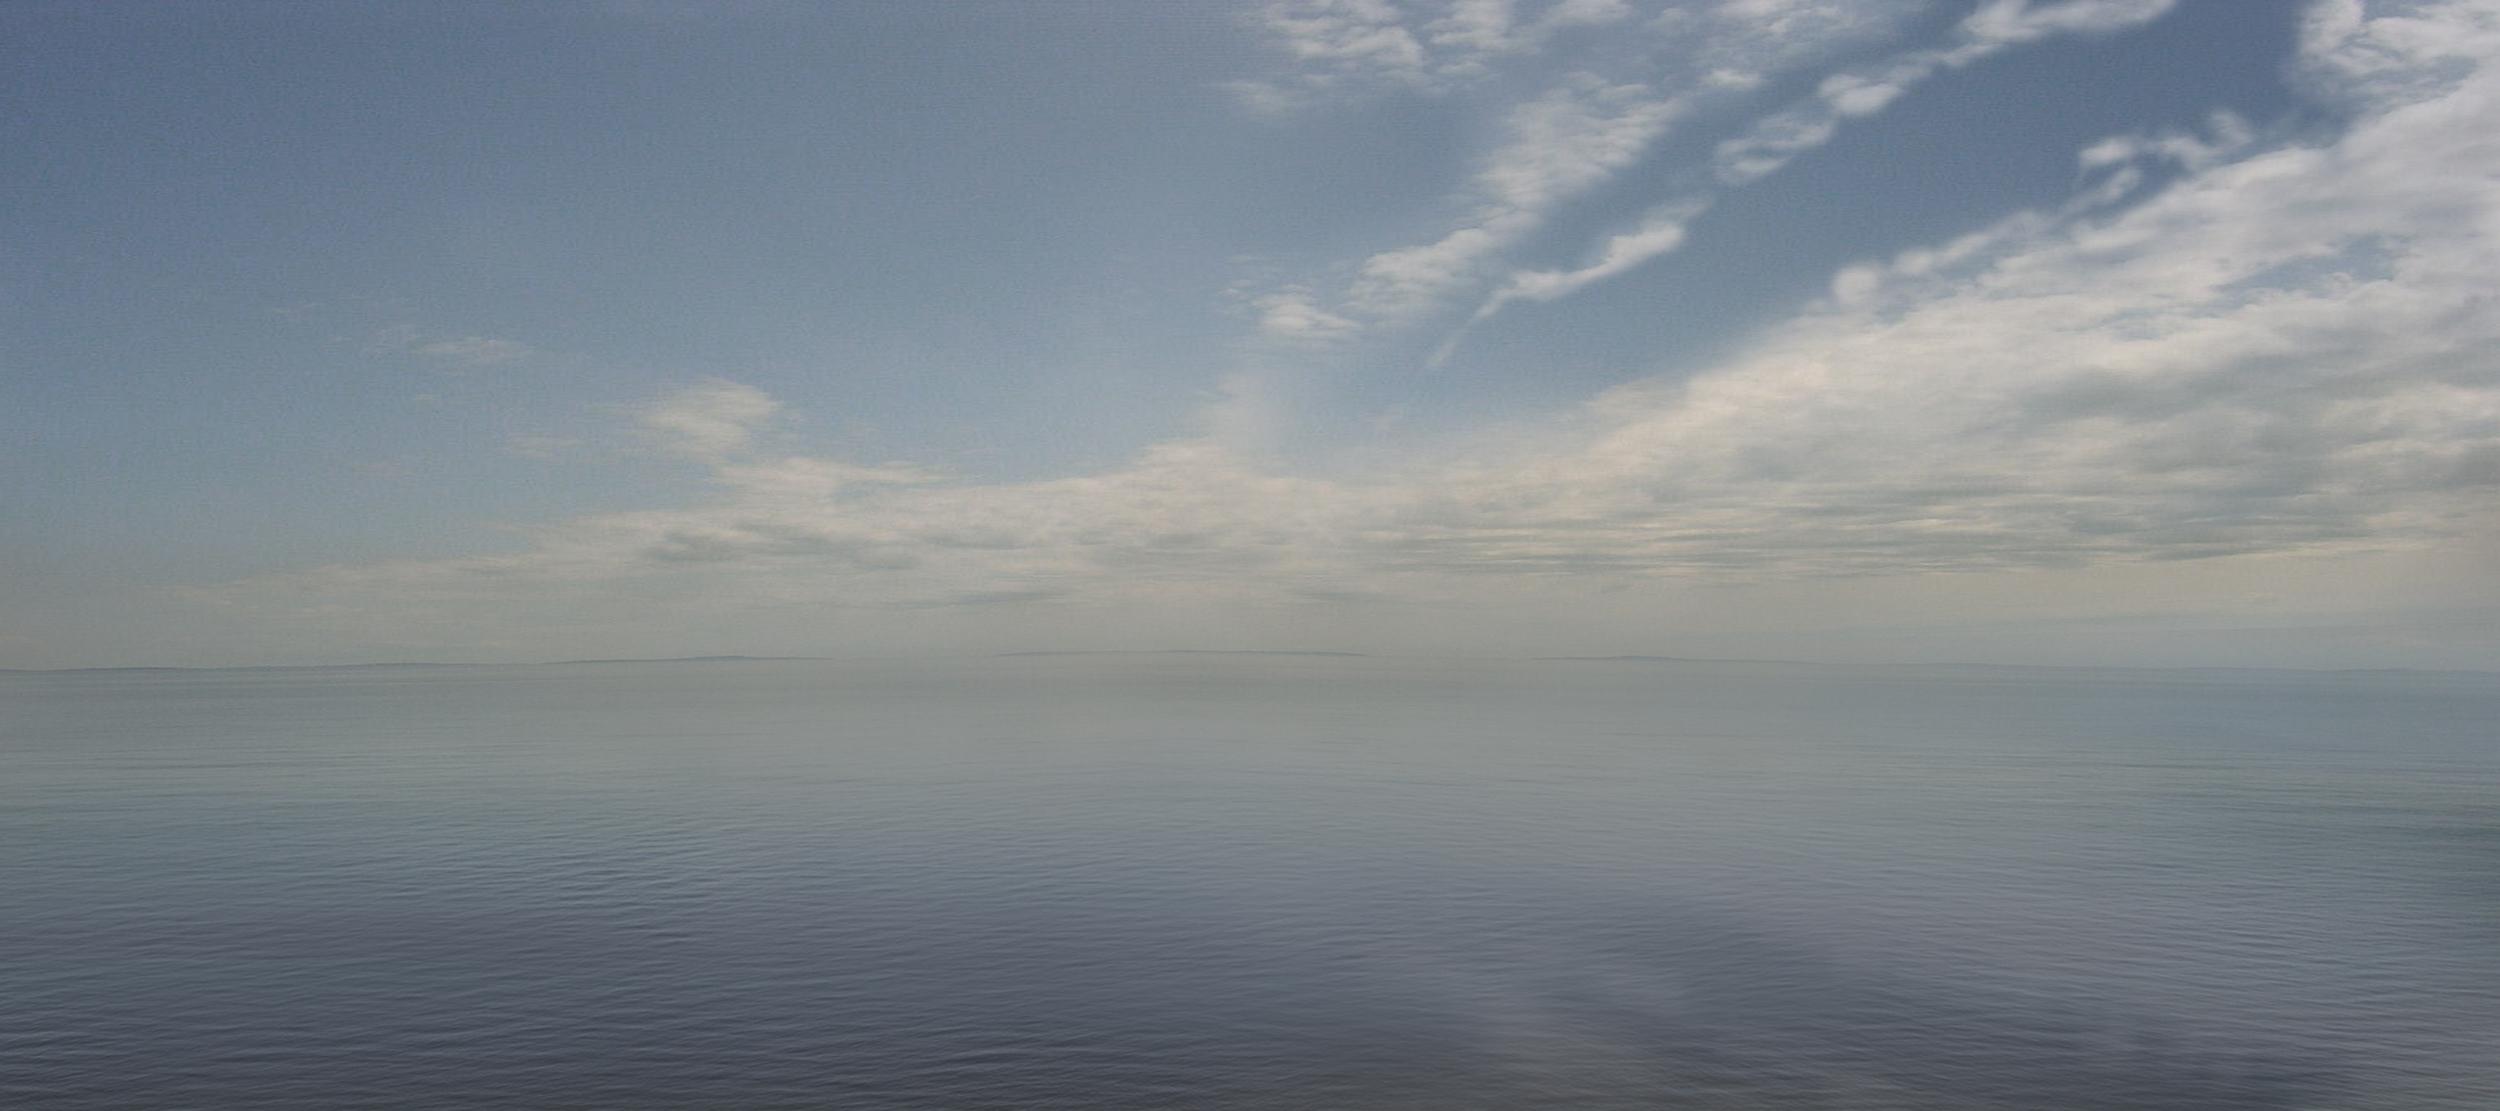 sea_at_day.jpg